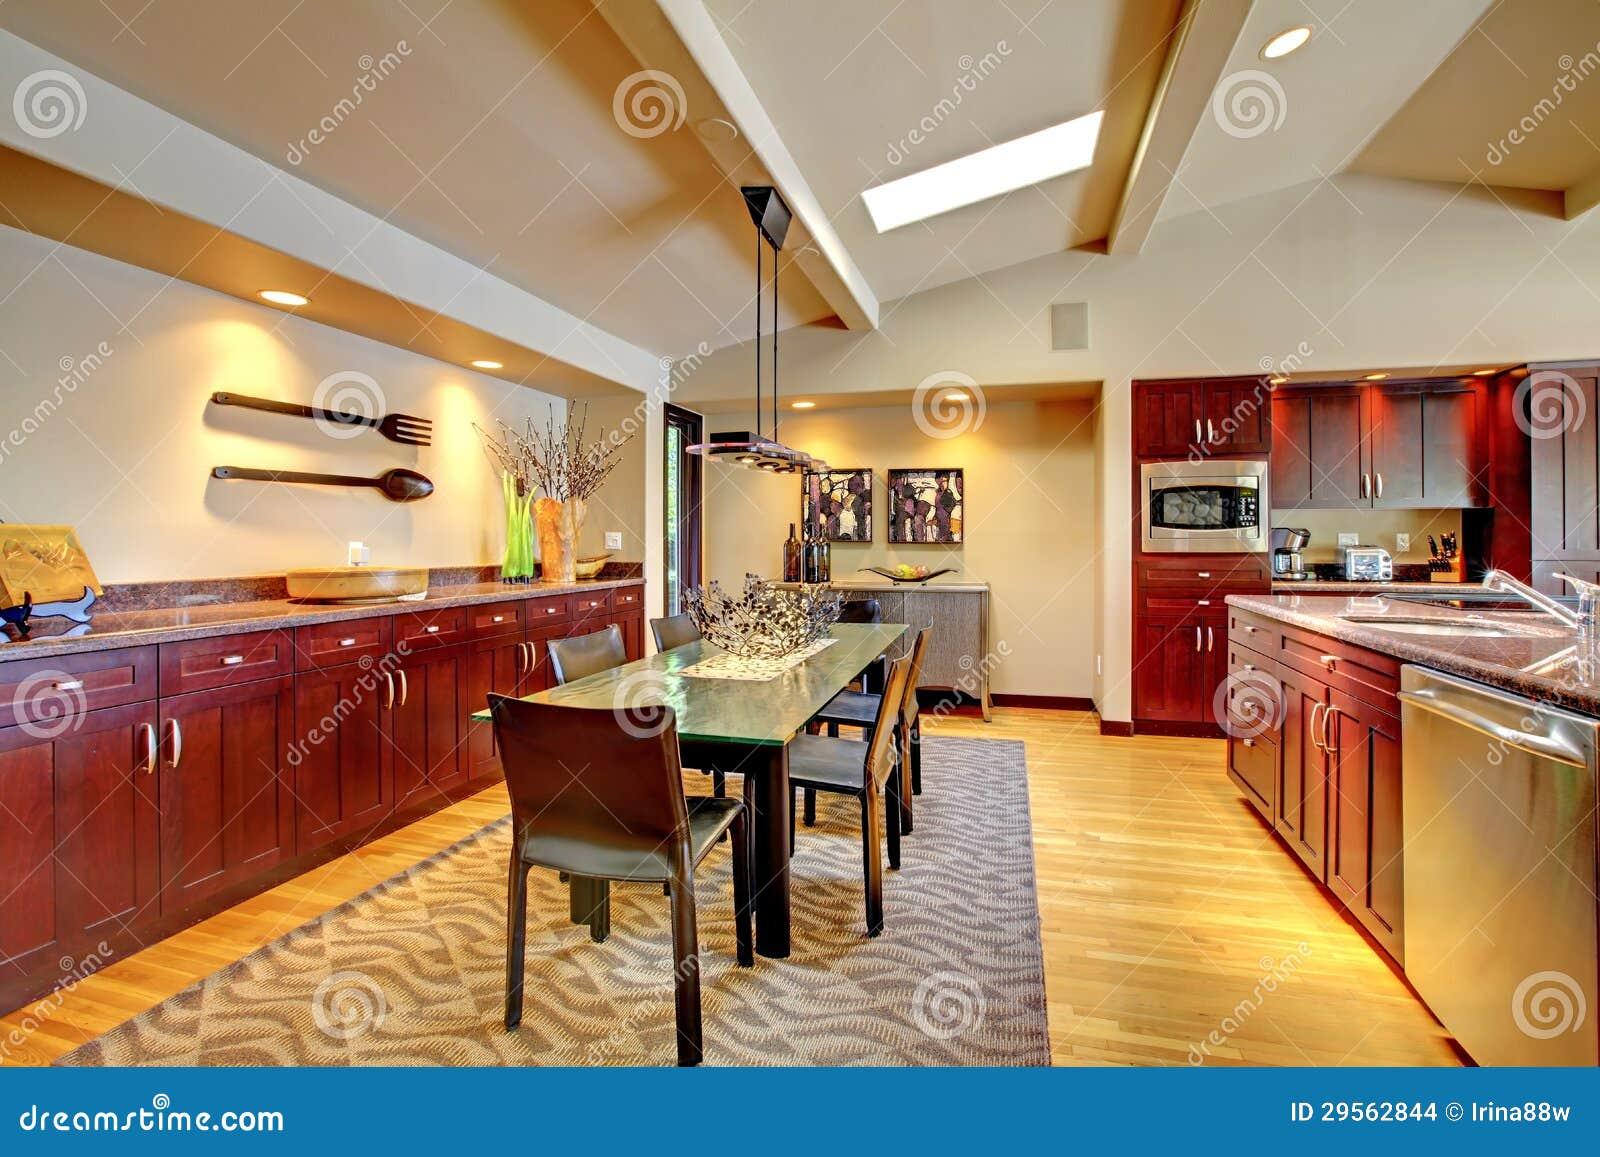 salle manger moderne de luxe avec la cuisine d 39 acajou images stock image 29562844. Black Bedroom Furniture Sets. Home Design Ideas